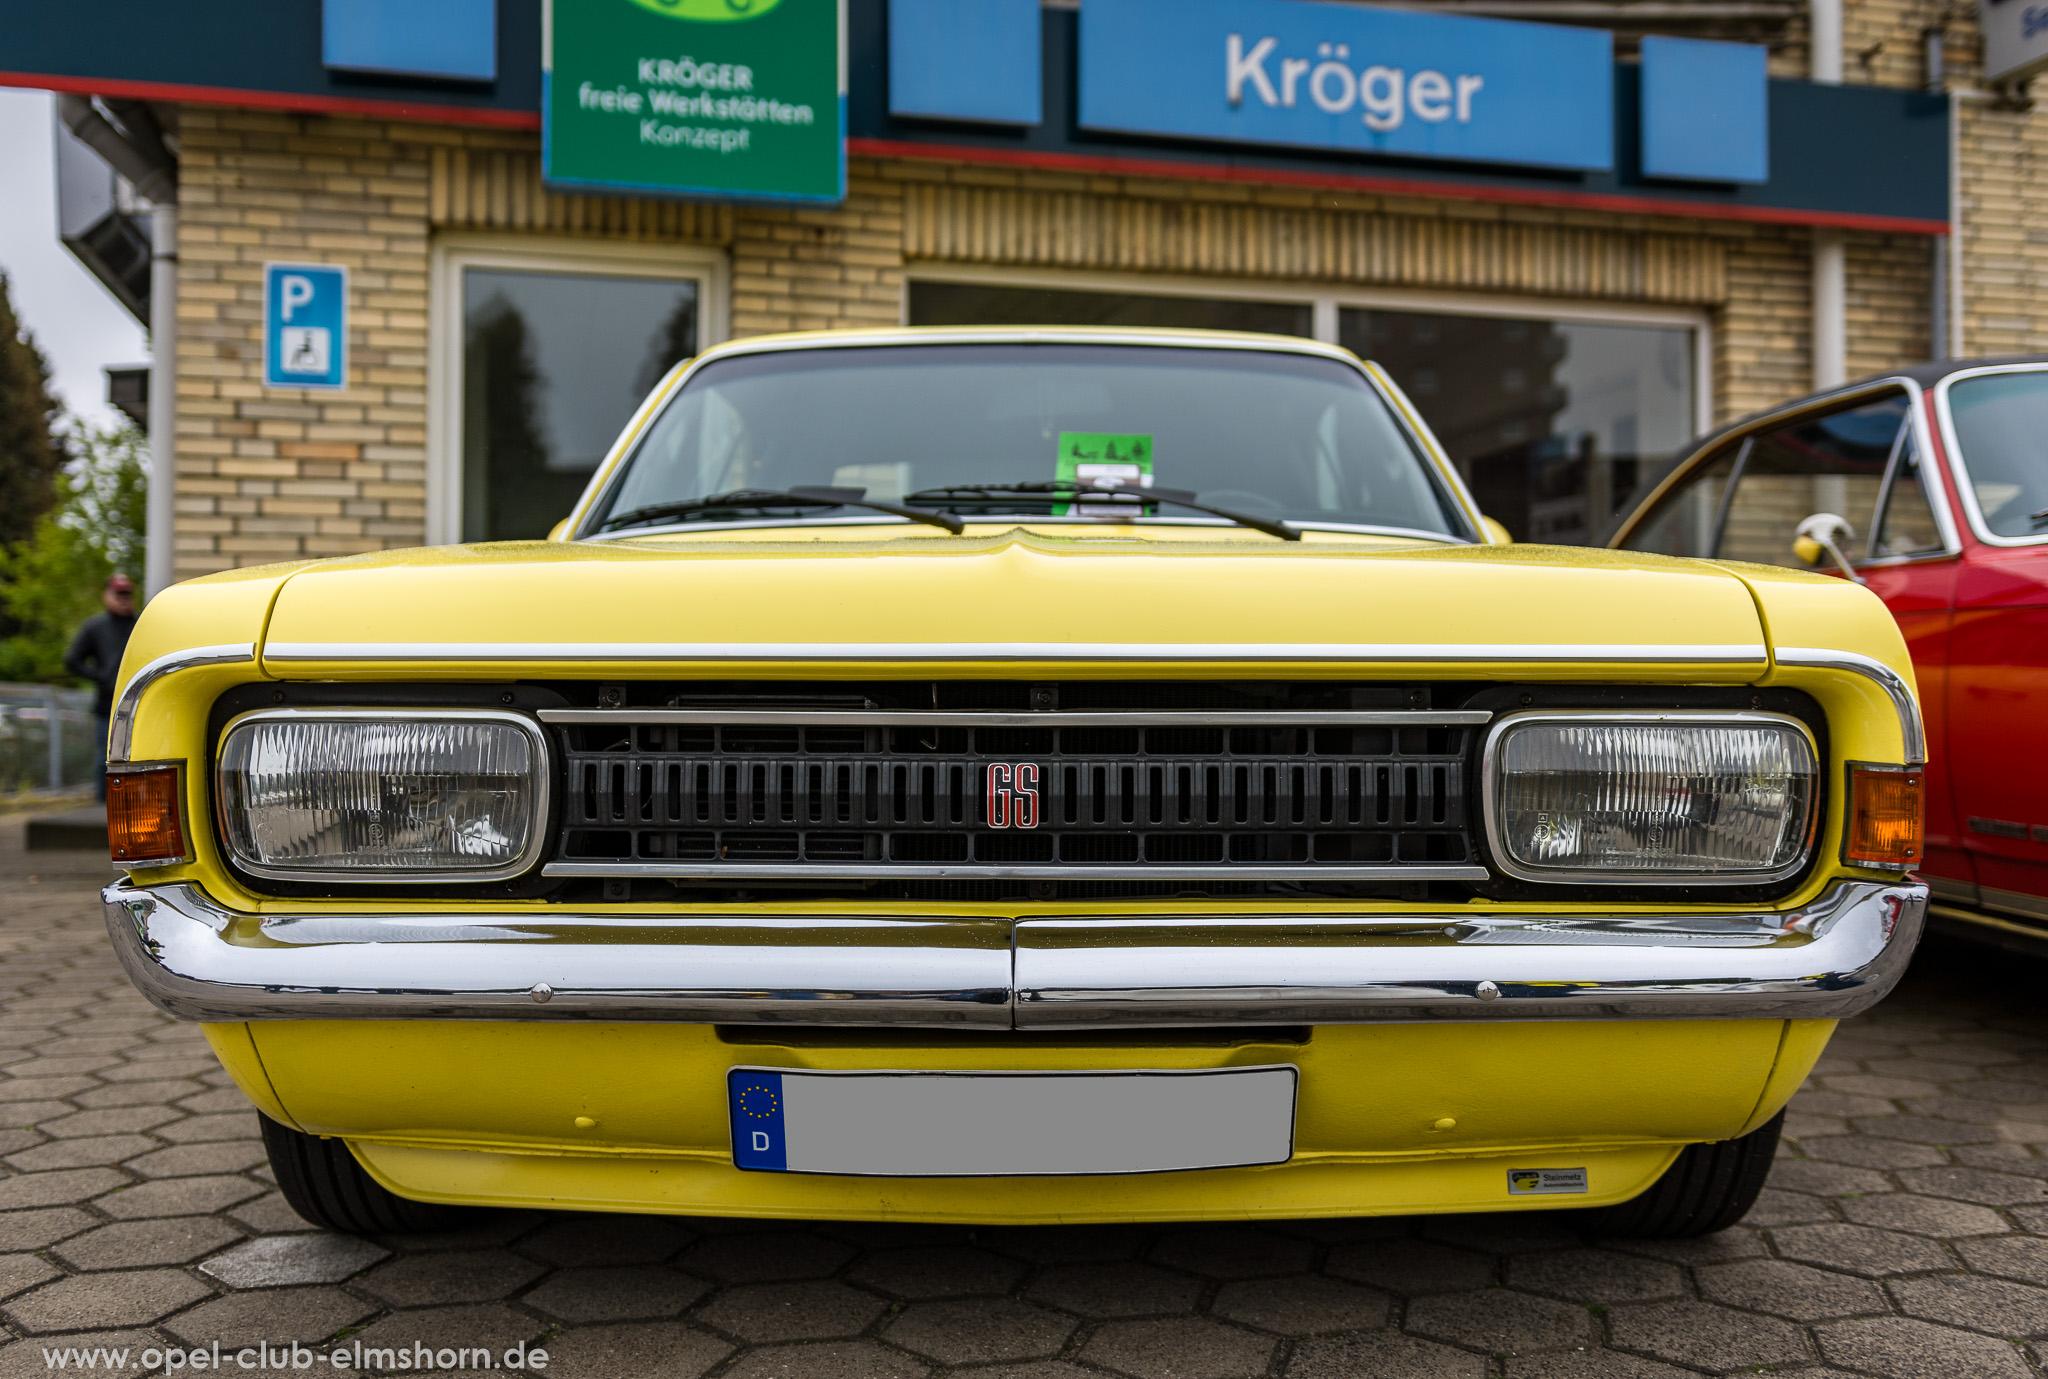 Altopeltreffen Wedel 2019 - 20190501_124042 - Opel Commodore A